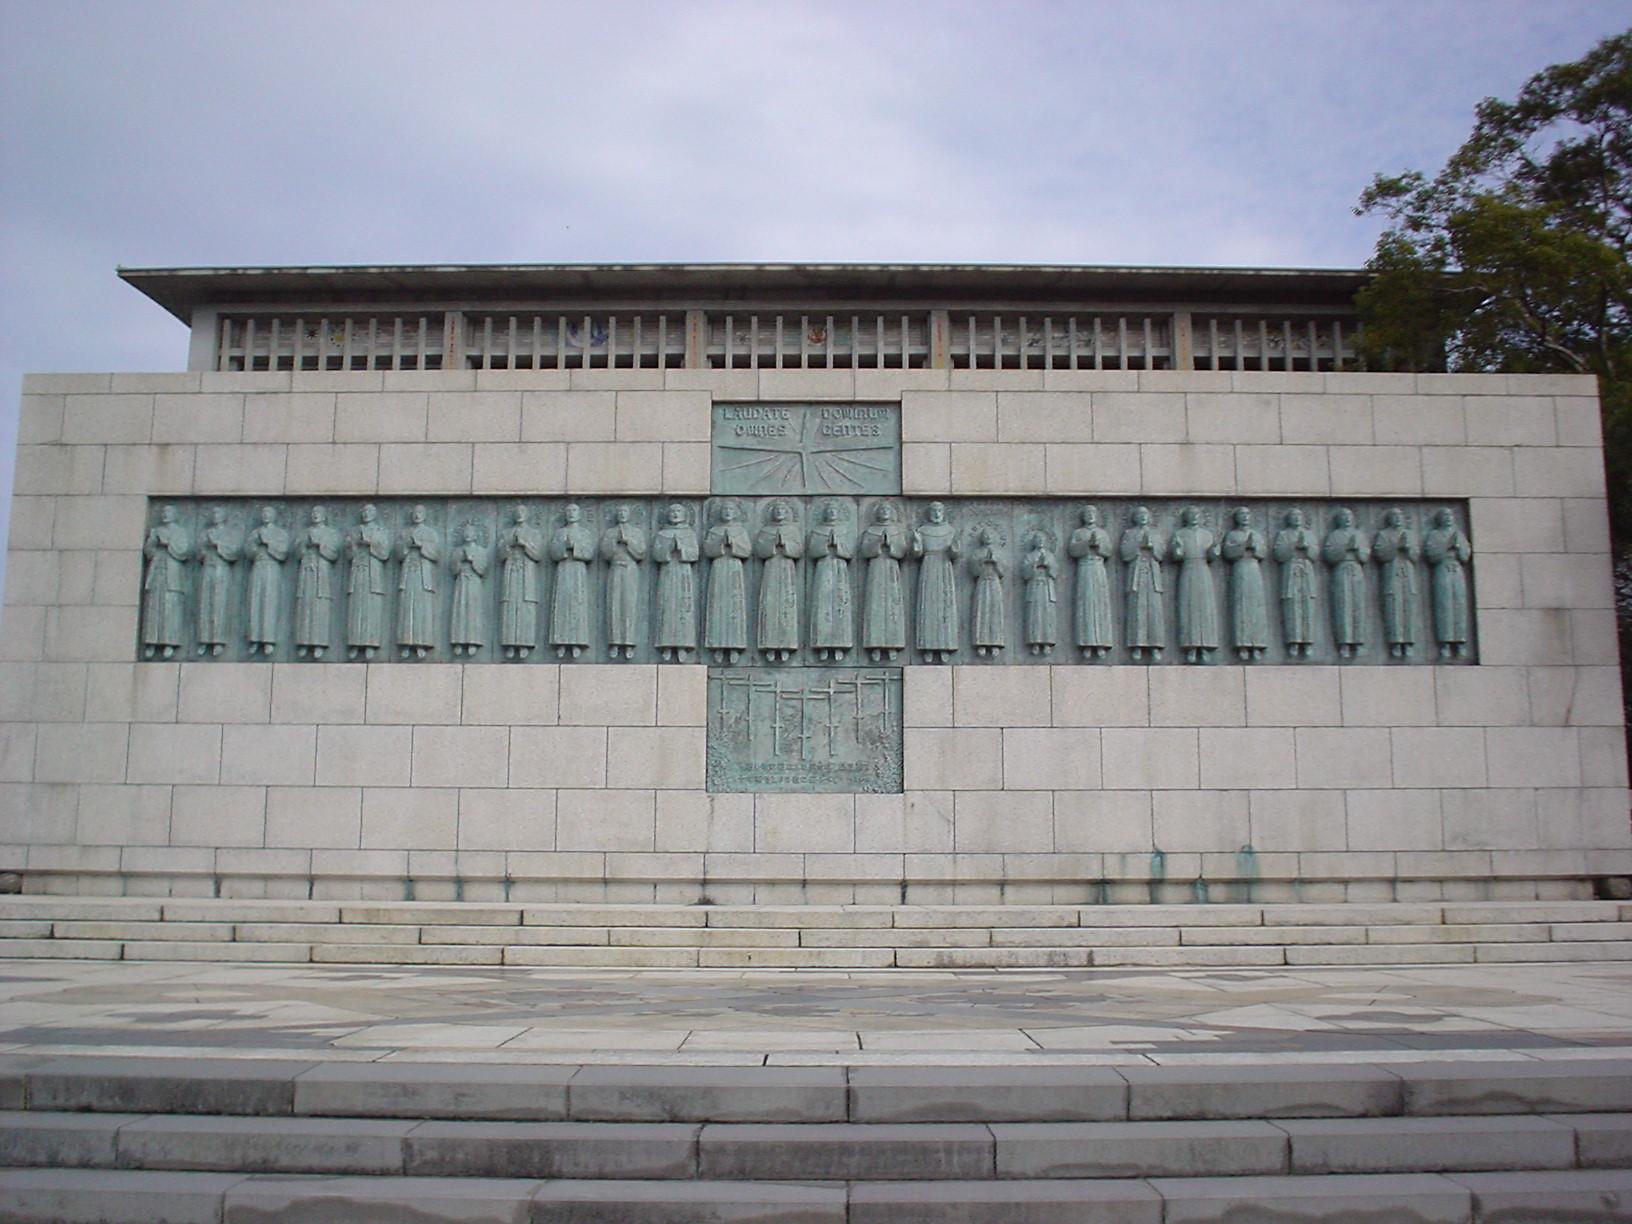 長崎26聖人殉教者の祝日 : Morios Tagebuch